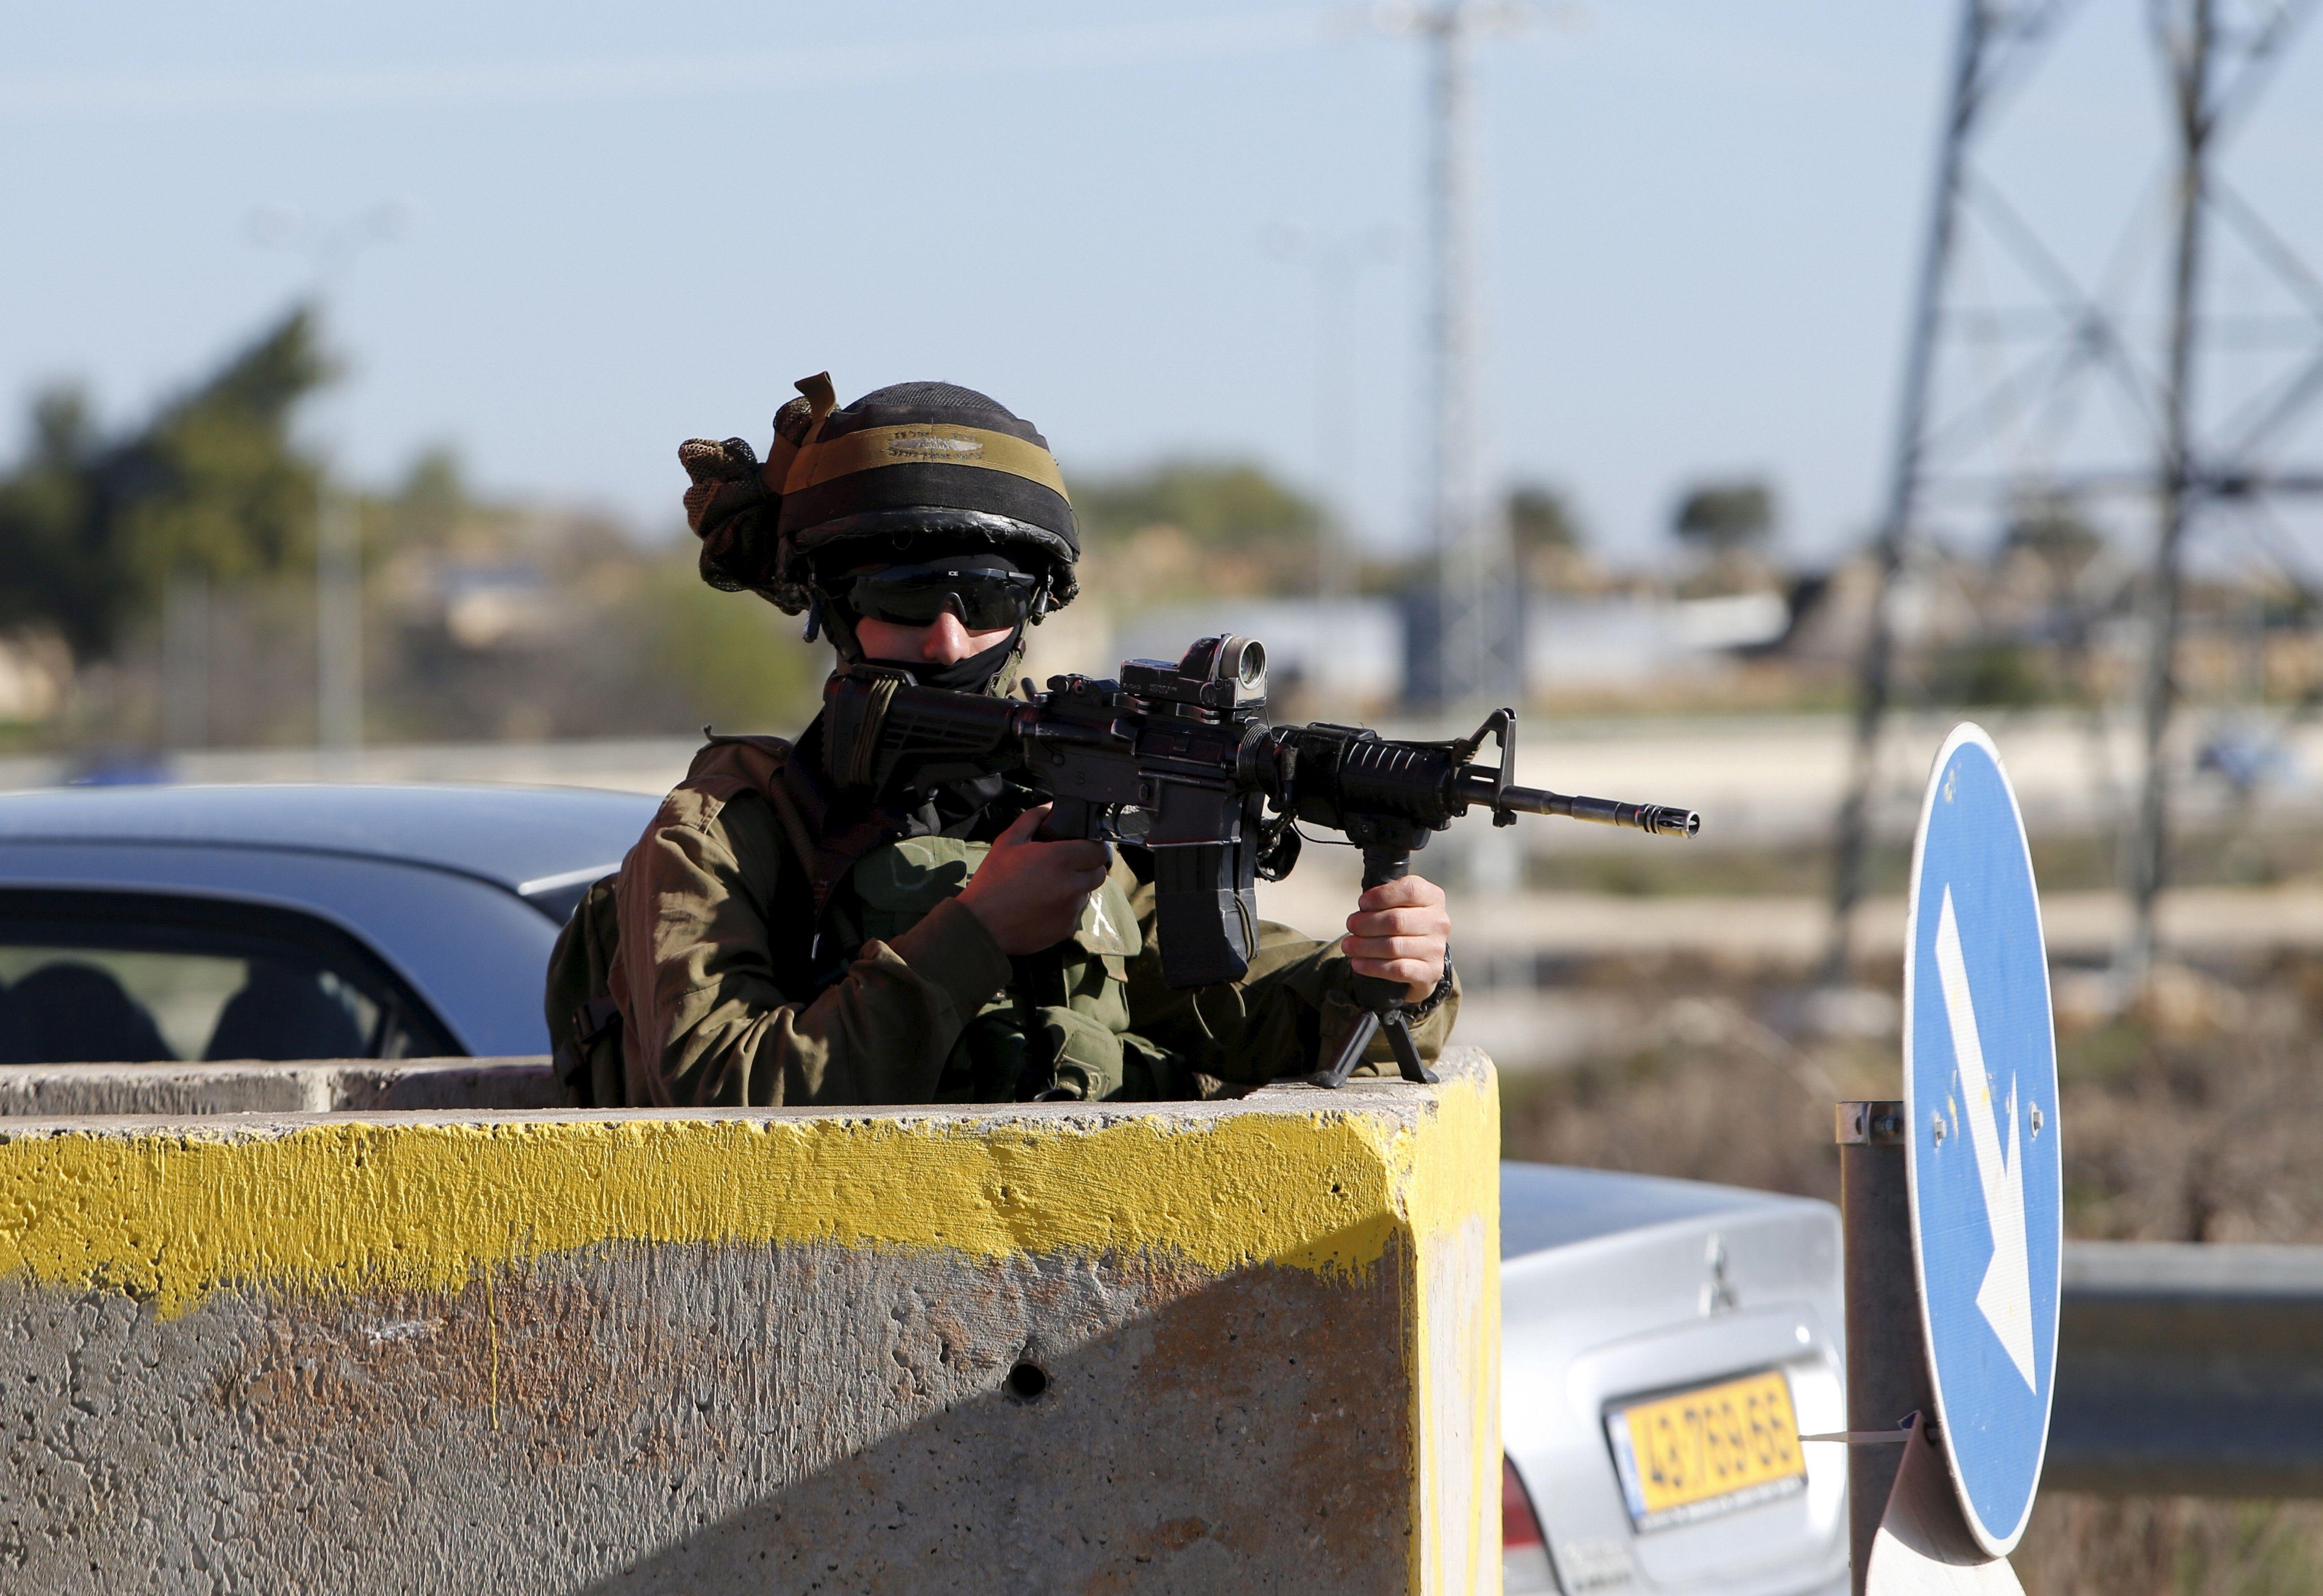 Goush Etzion : le carrefour meurtrier devenu un point névralgique des violences israélo-palestiniennes